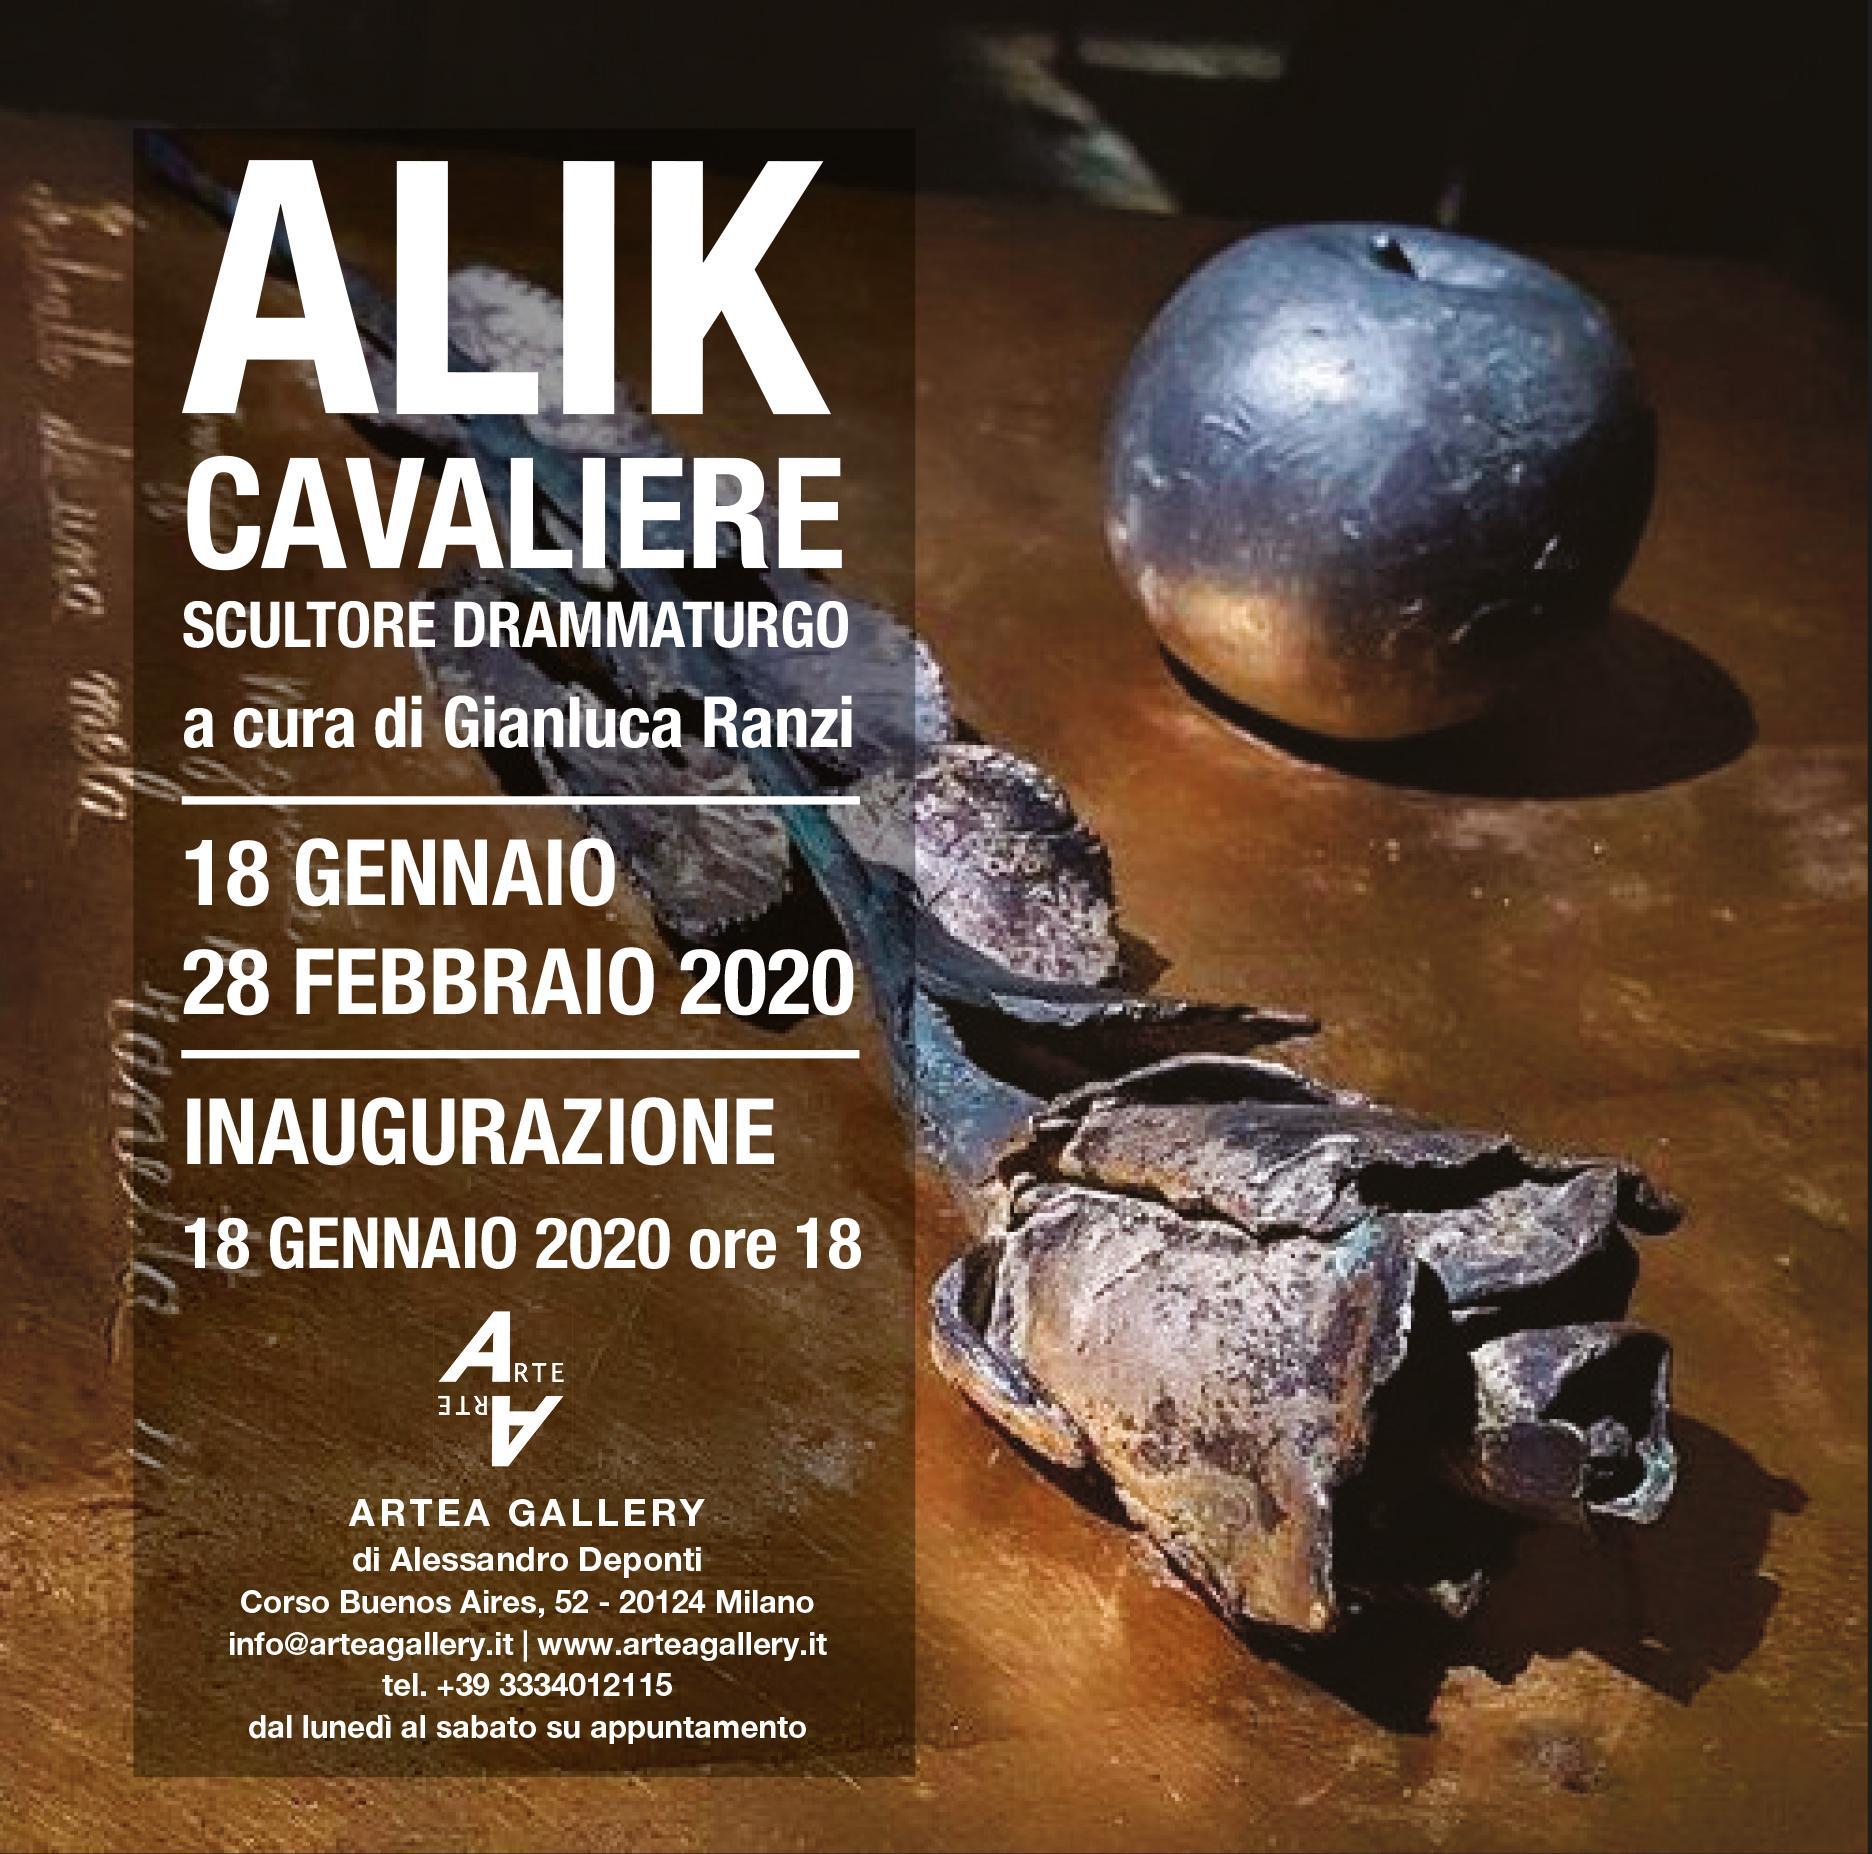 Alik Cavaliere